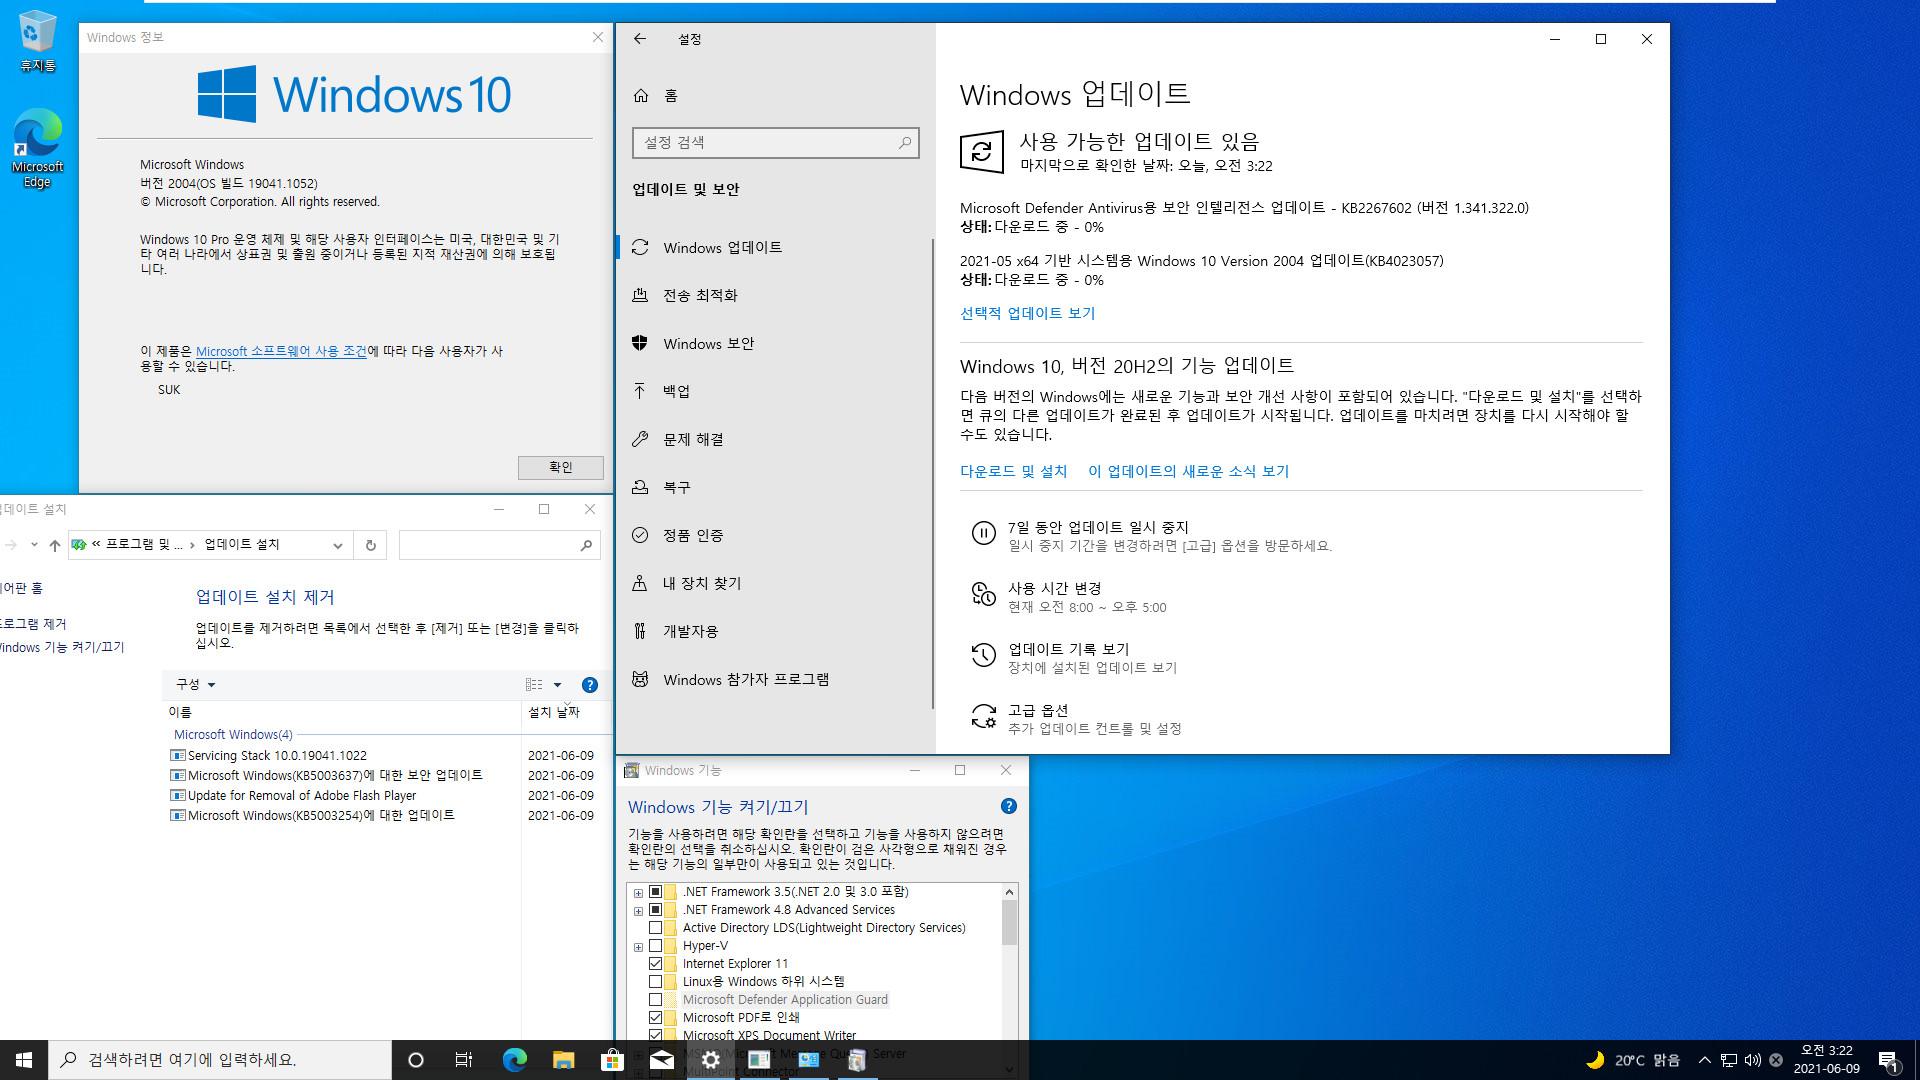 2021-06-09 수요일 정기 업데이트 - PRO x64 3개 버전 통합 - Windows 10 버전 2004, 빌드 19041.1052 + 버전 20H2, 빌드 19042.1052 + 버전 21H1, 빌드 19043.1052 - 공용 누적 업데이트 KB5003637 - 2021-06-09_032245.jpg